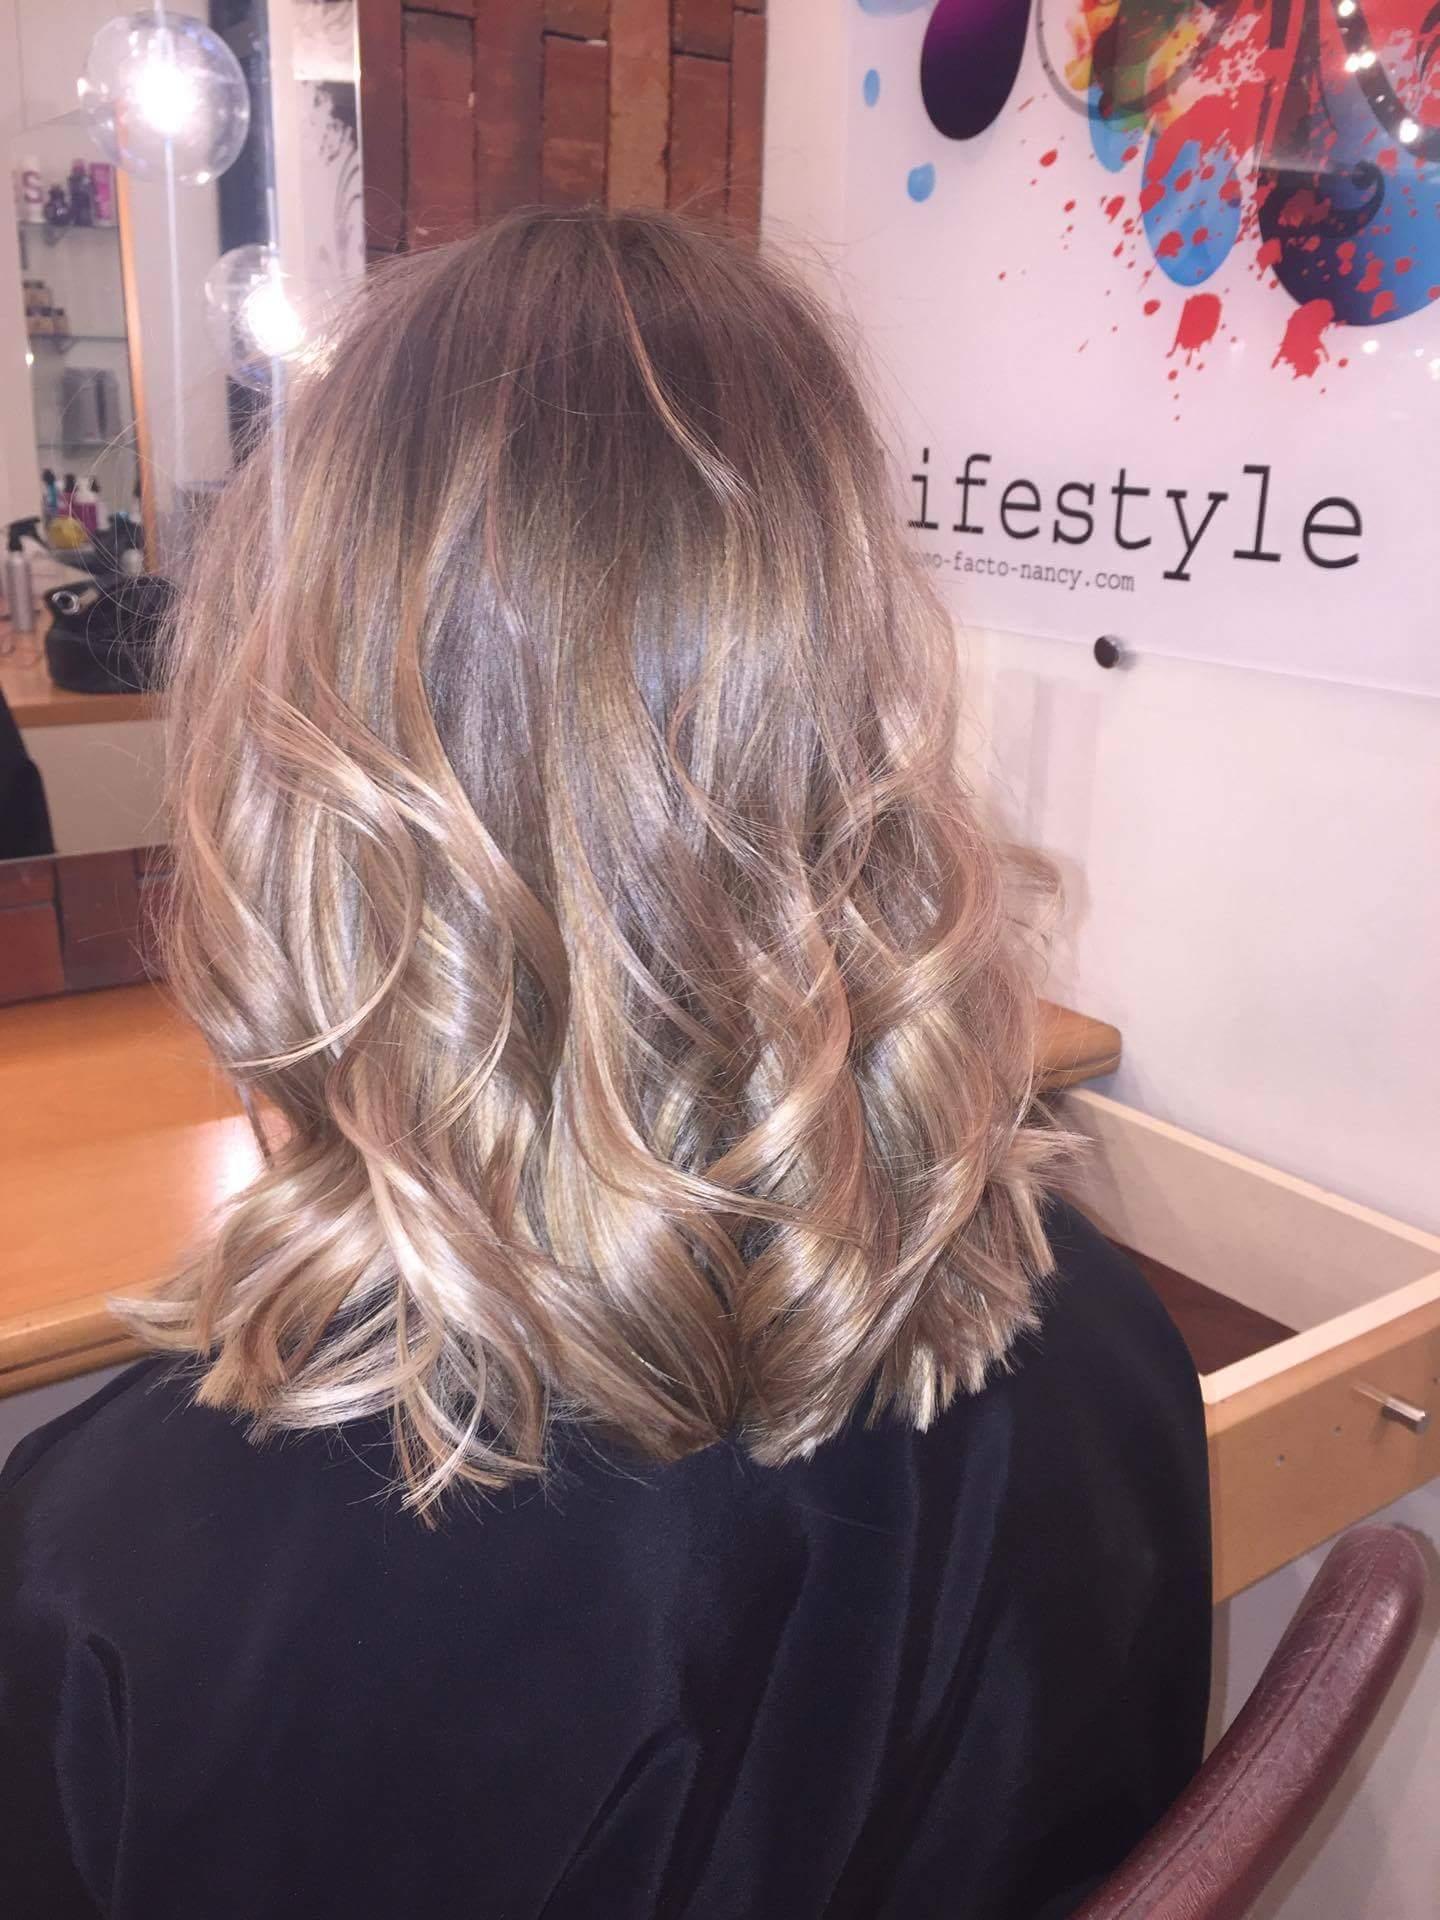 Couleurs cheveux femme par Ipso Facto : après